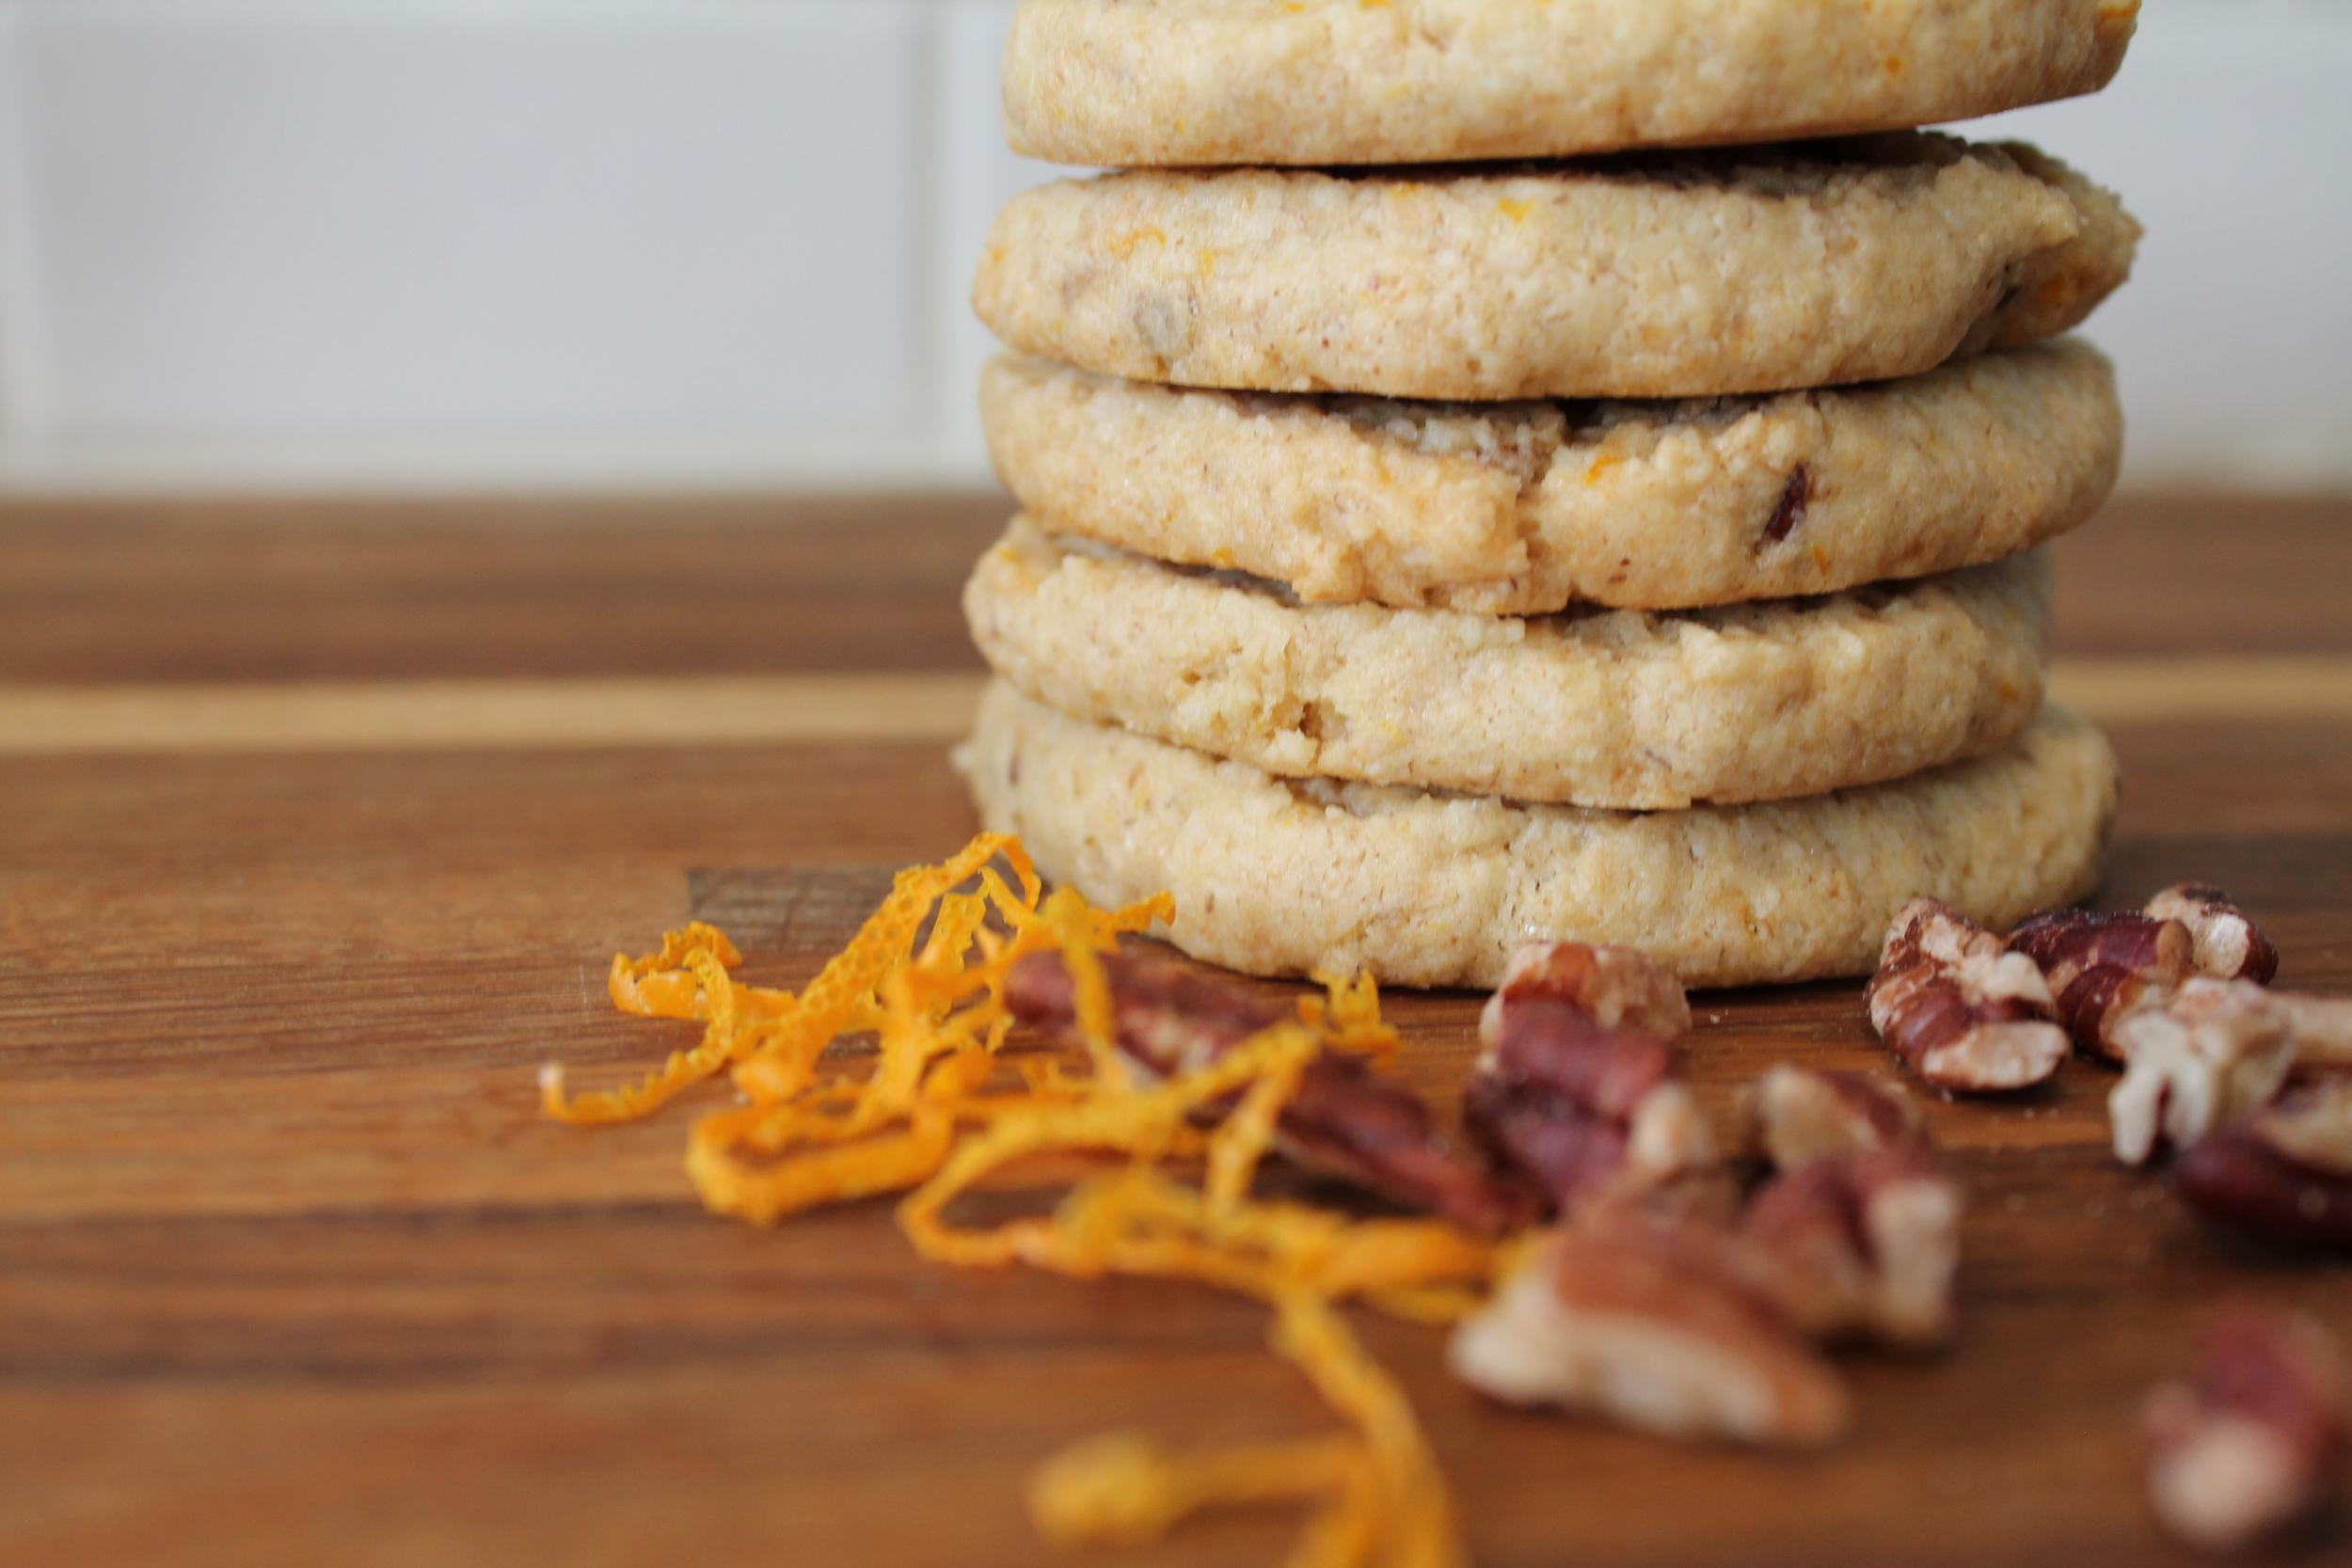 Vegan & Gluten-free Orange Pecan Sandies with Orange Butter-cream Frosting Cookie Sandwich Option. Free recipe on the blog at www.fernsandpeonies.com